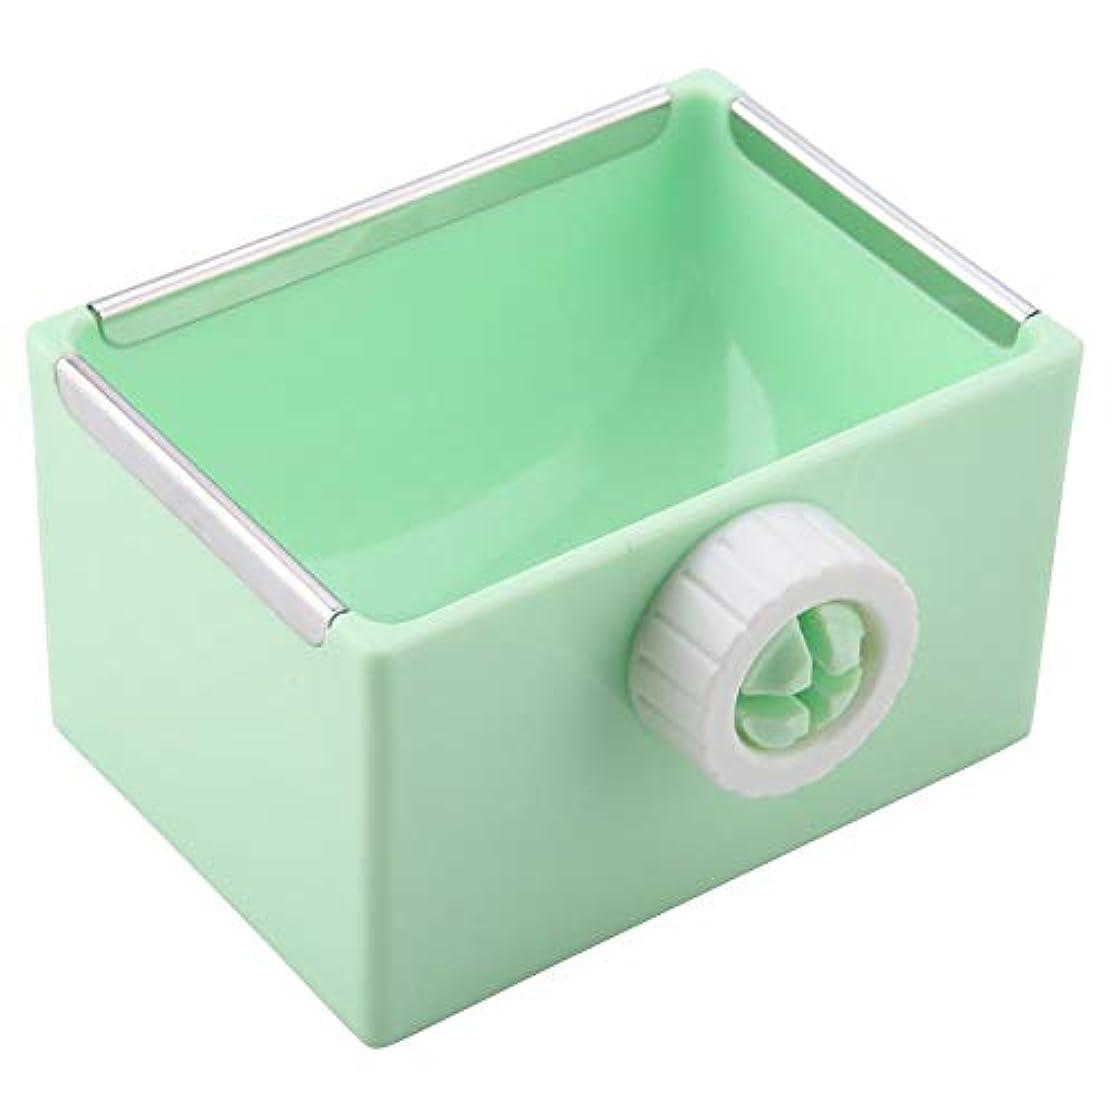 dootiペット餌やり ペット食器 ケージに取り付ける 金属縁取り 噛む防ぐ 給食 給水 プラスチック製 清潔容易 防錆